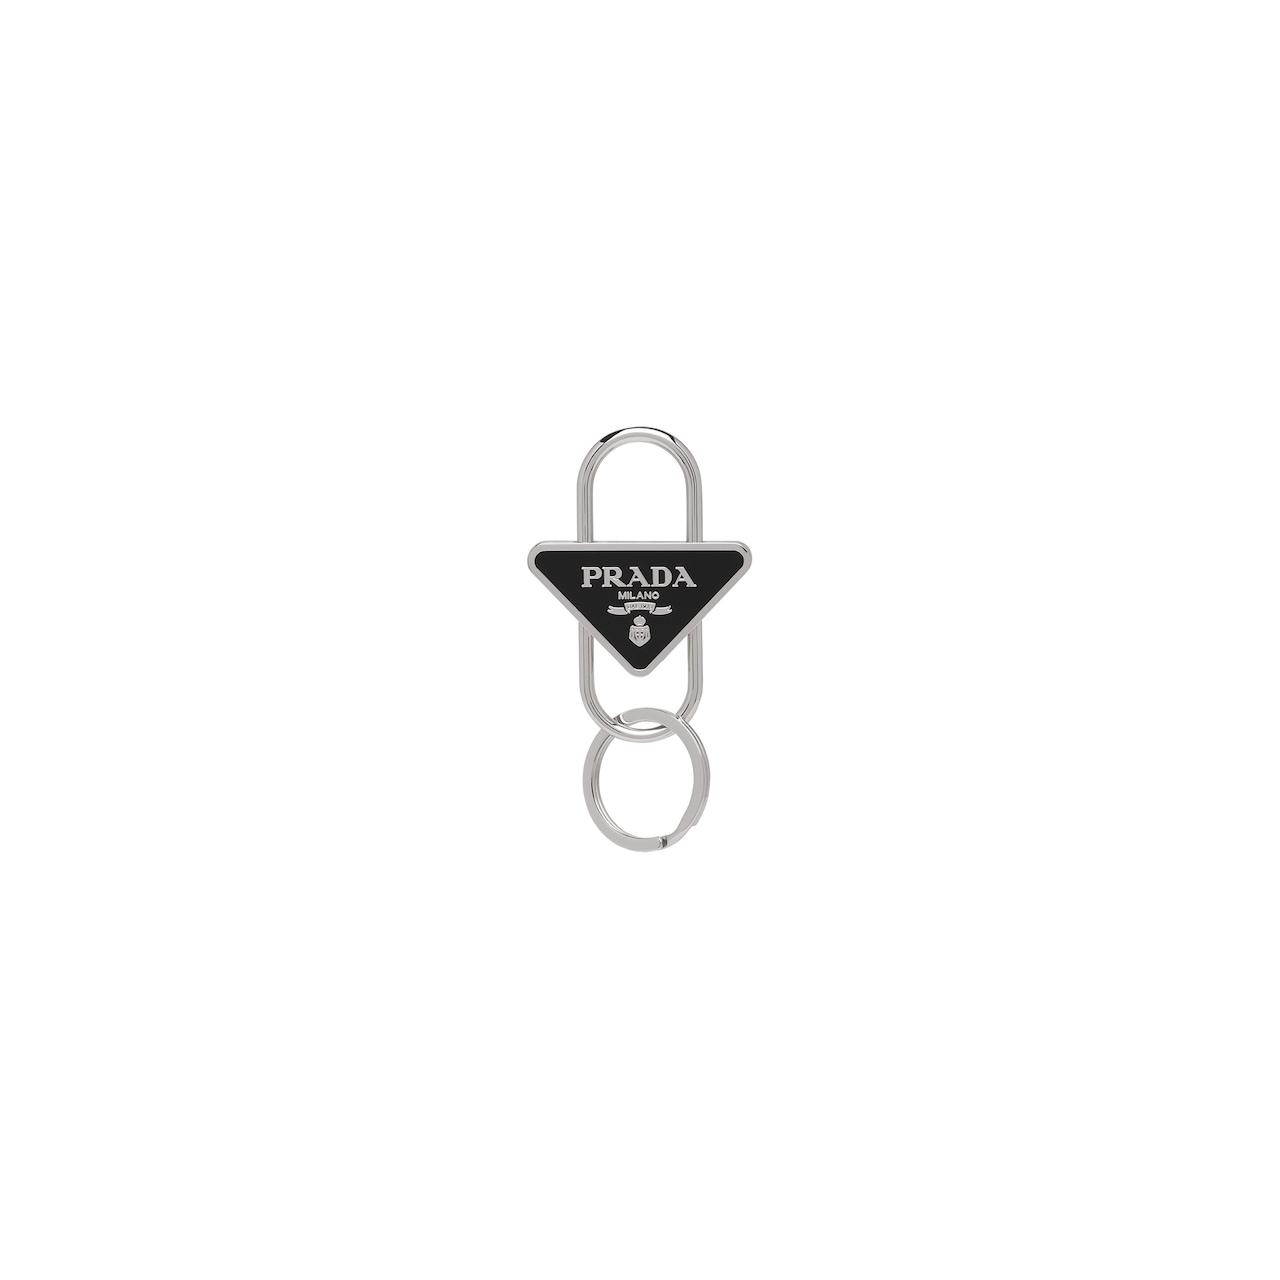 Prada Metal Keychain 1